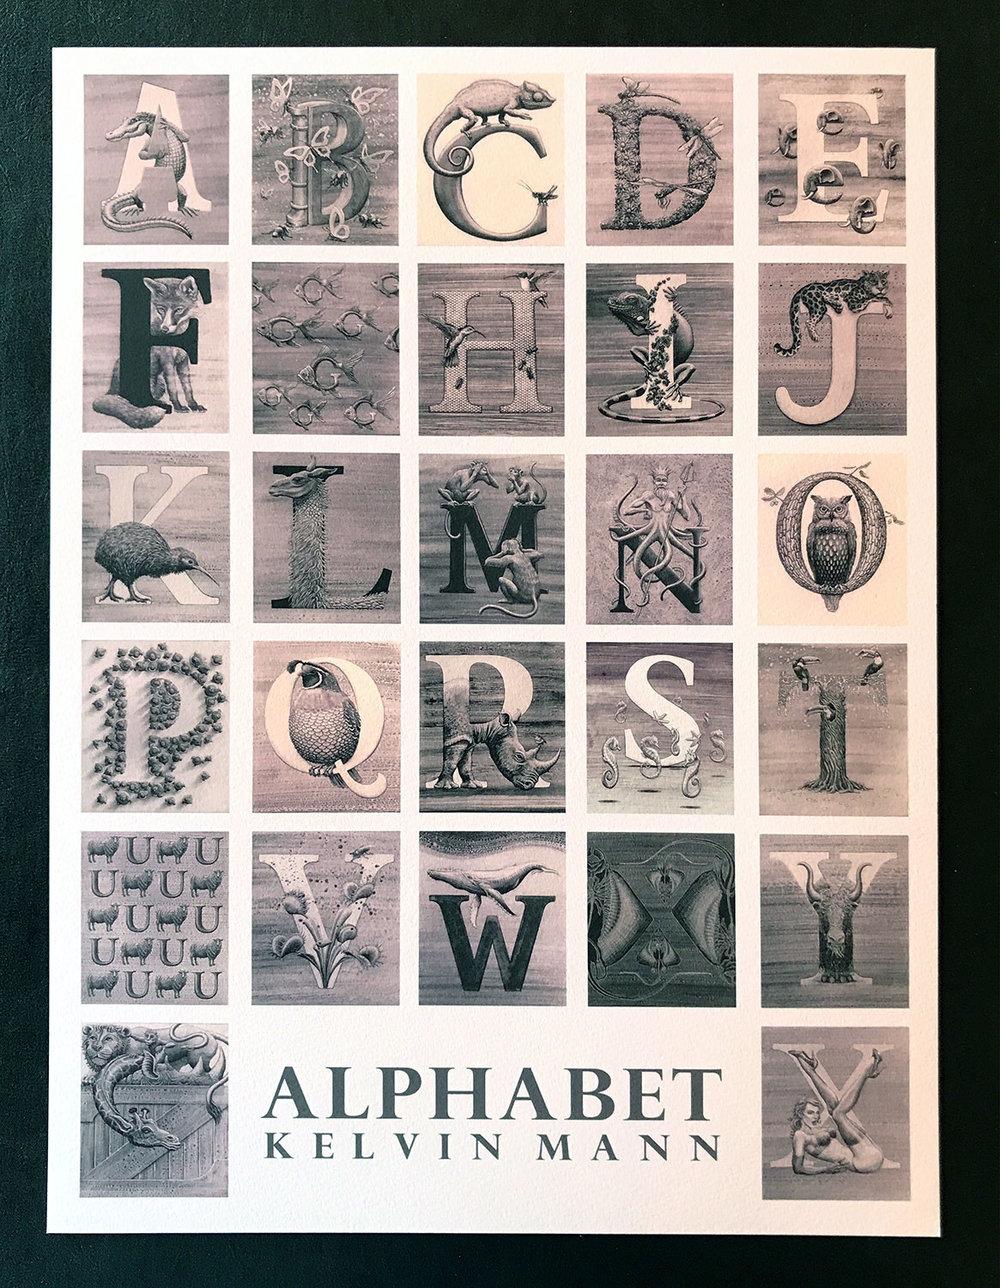 Alphabet-sheet-1.jpg